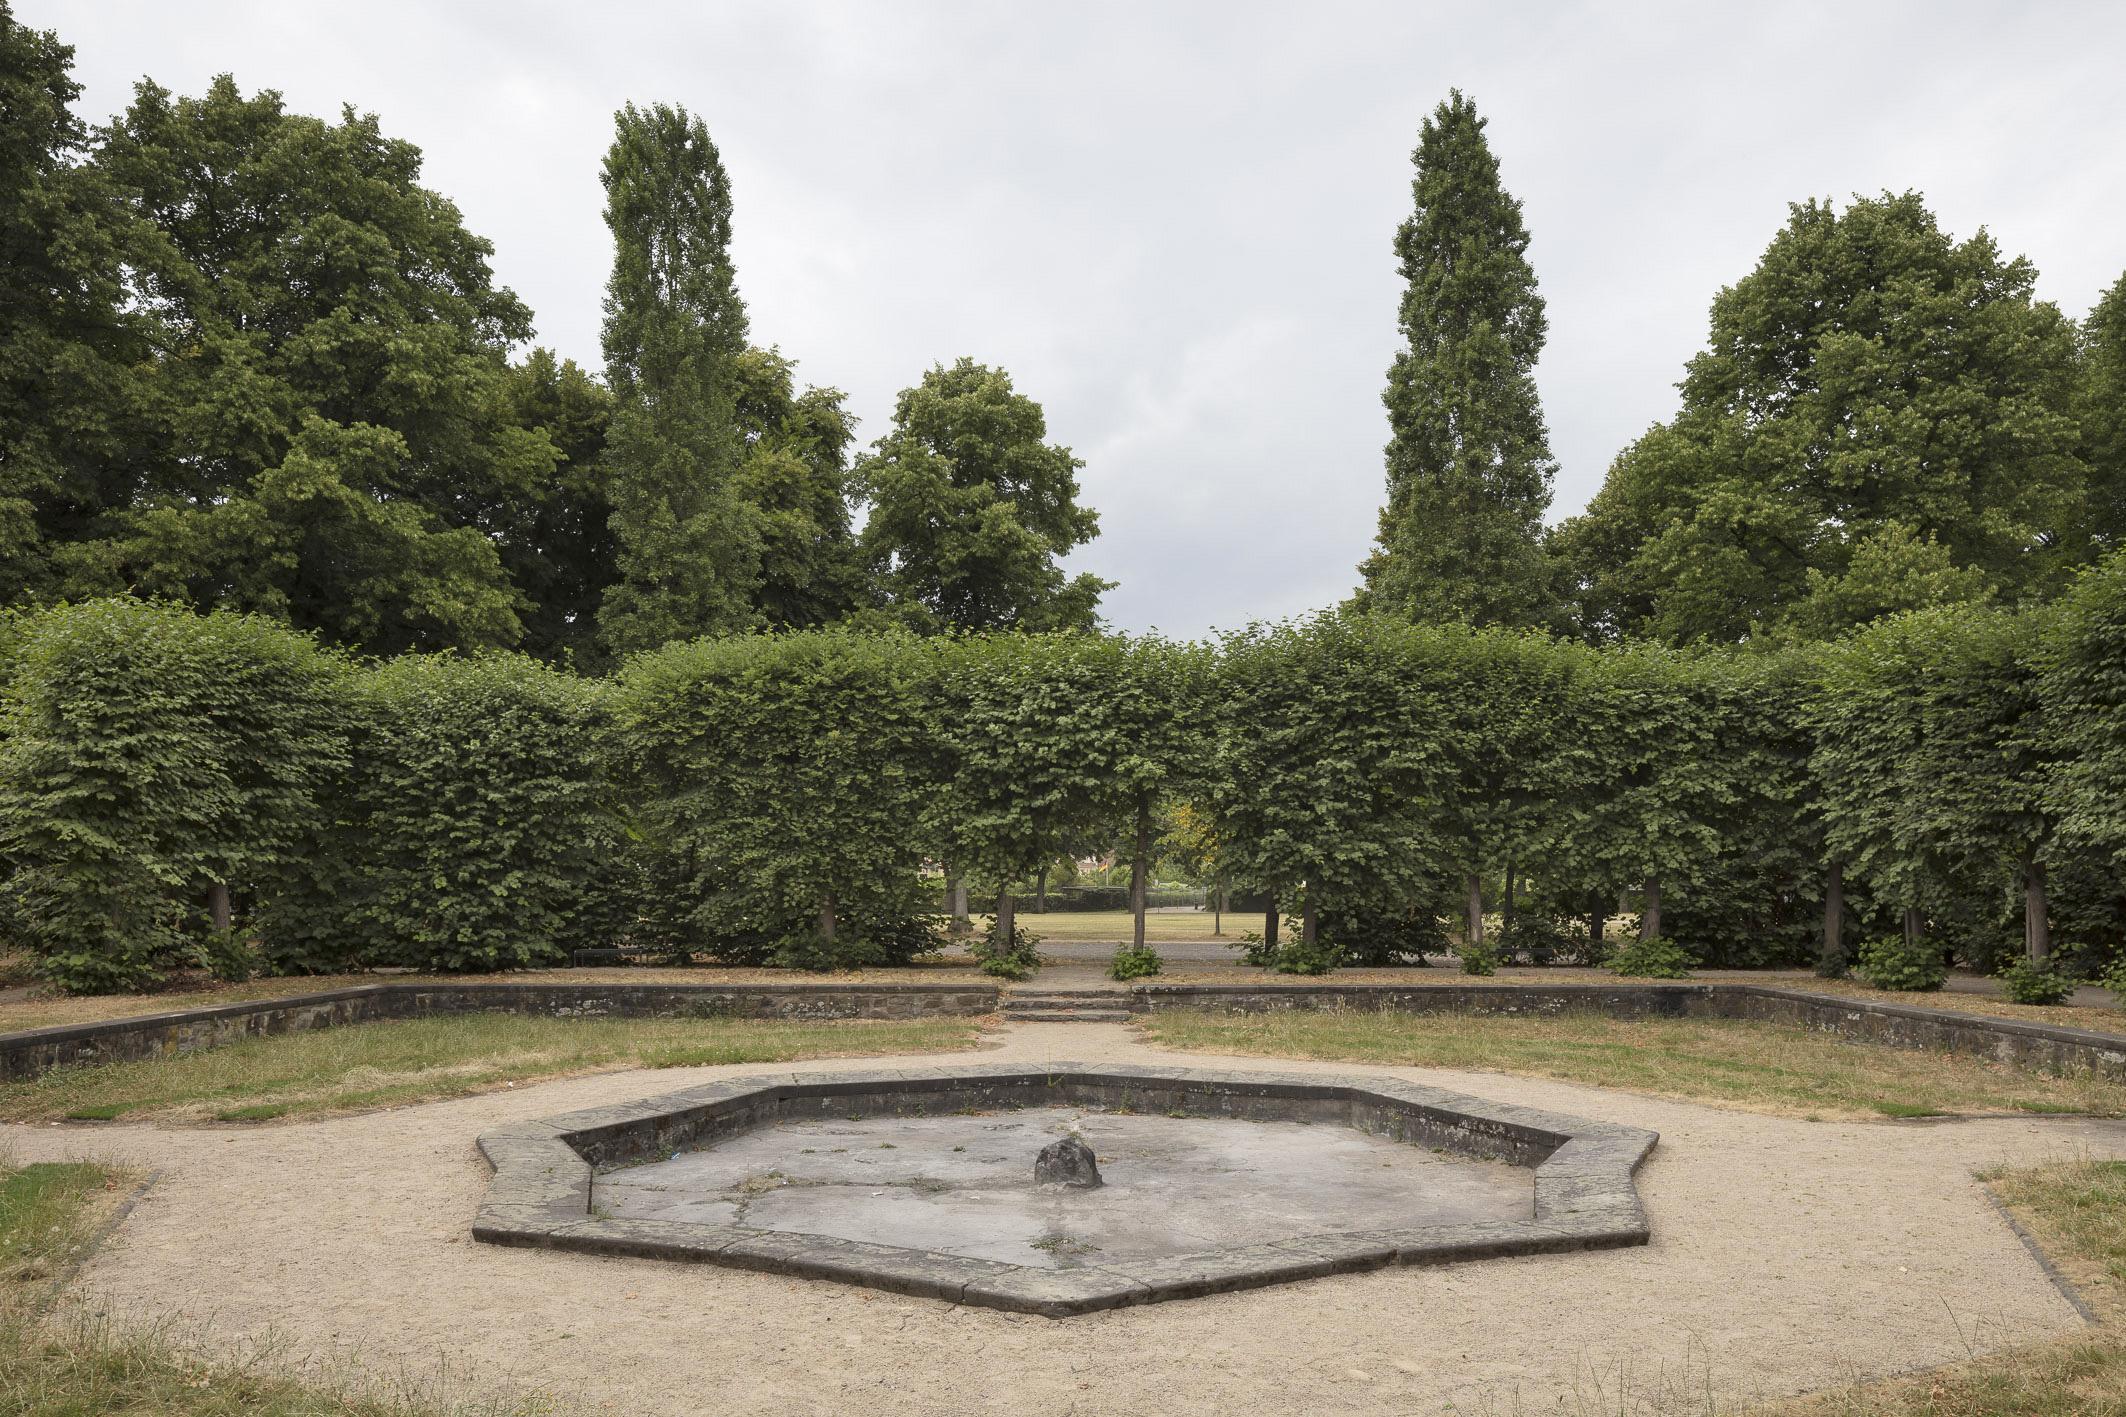 Das Kunstwerk Kölner Grünsystem